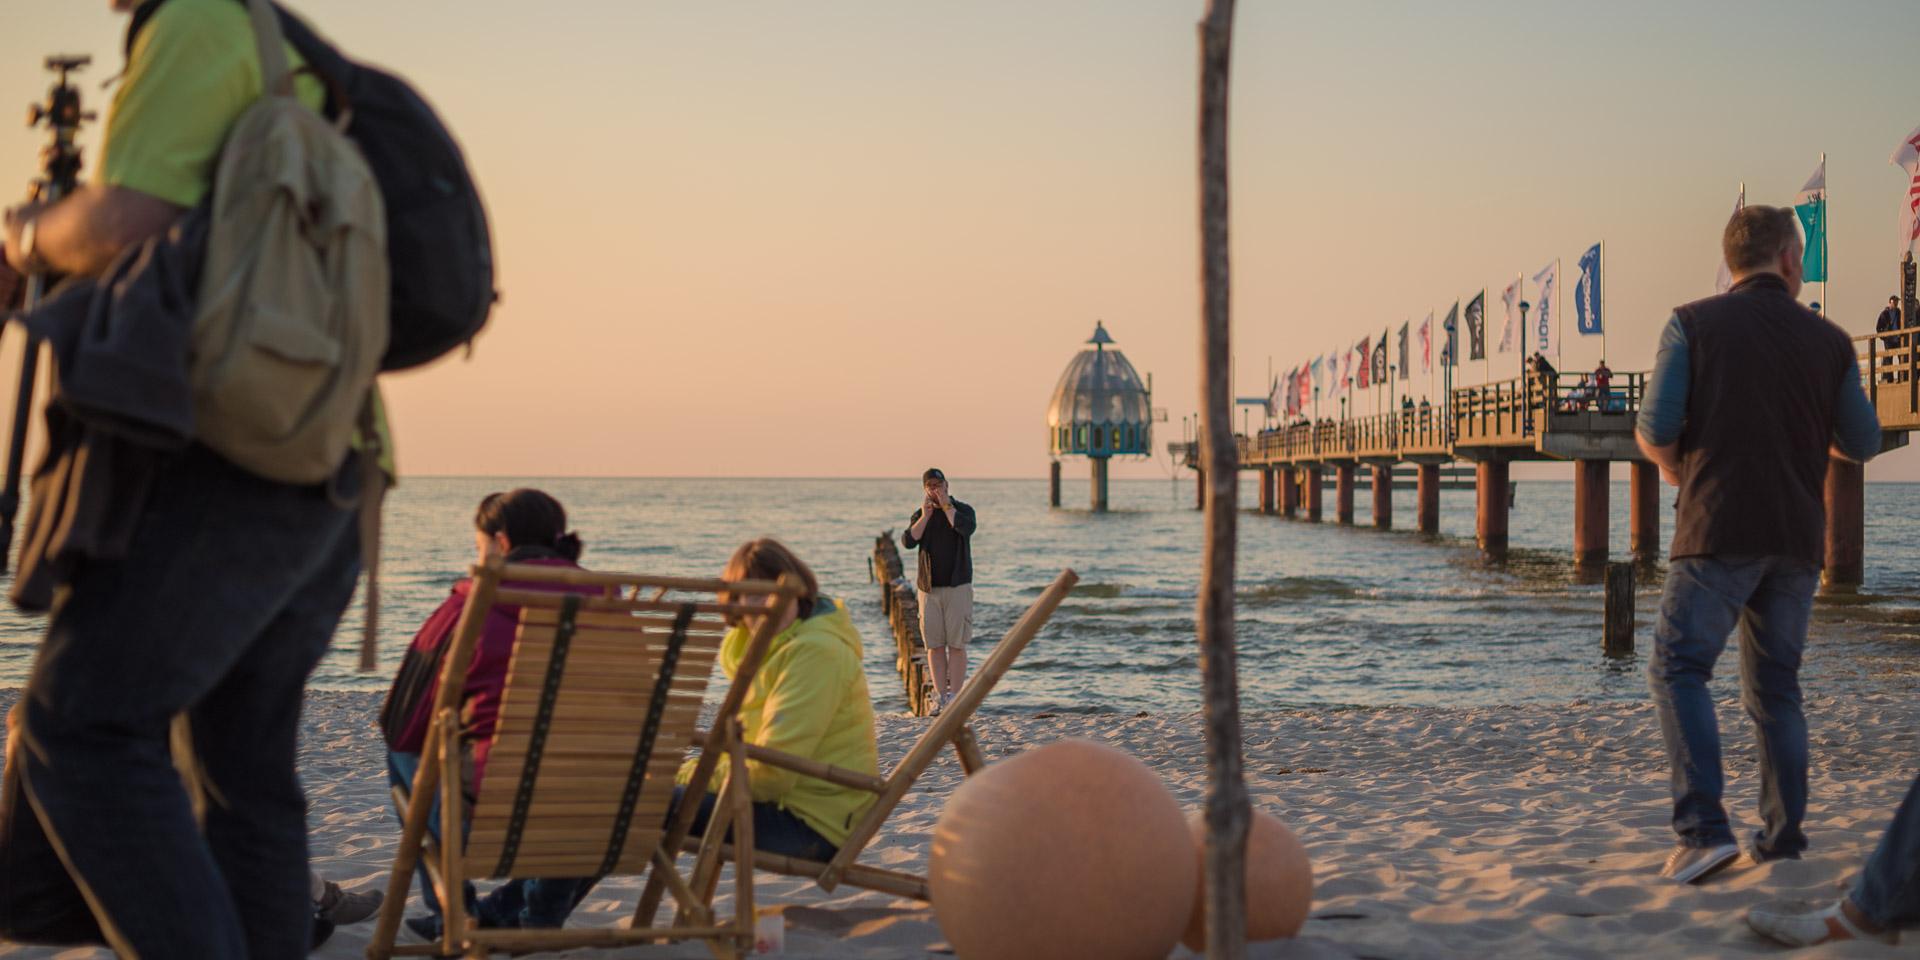 zingst-2016-krolop-workshop-martin-festival-wohnung-unterkunft-leben-hotel-ferienwohnung-2